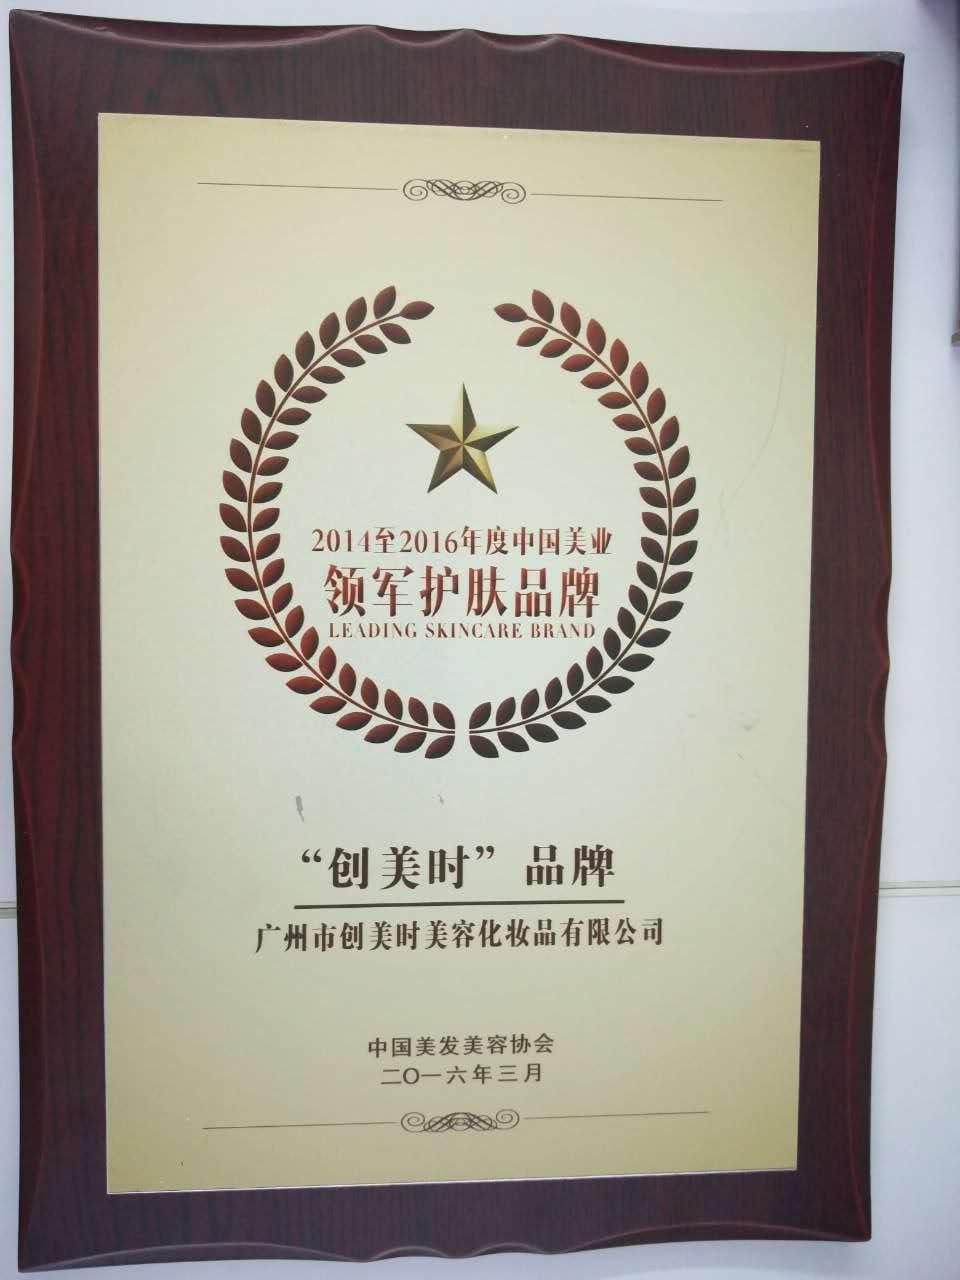 2016创美时 2014-2016年度中国美业领军护肤品牌